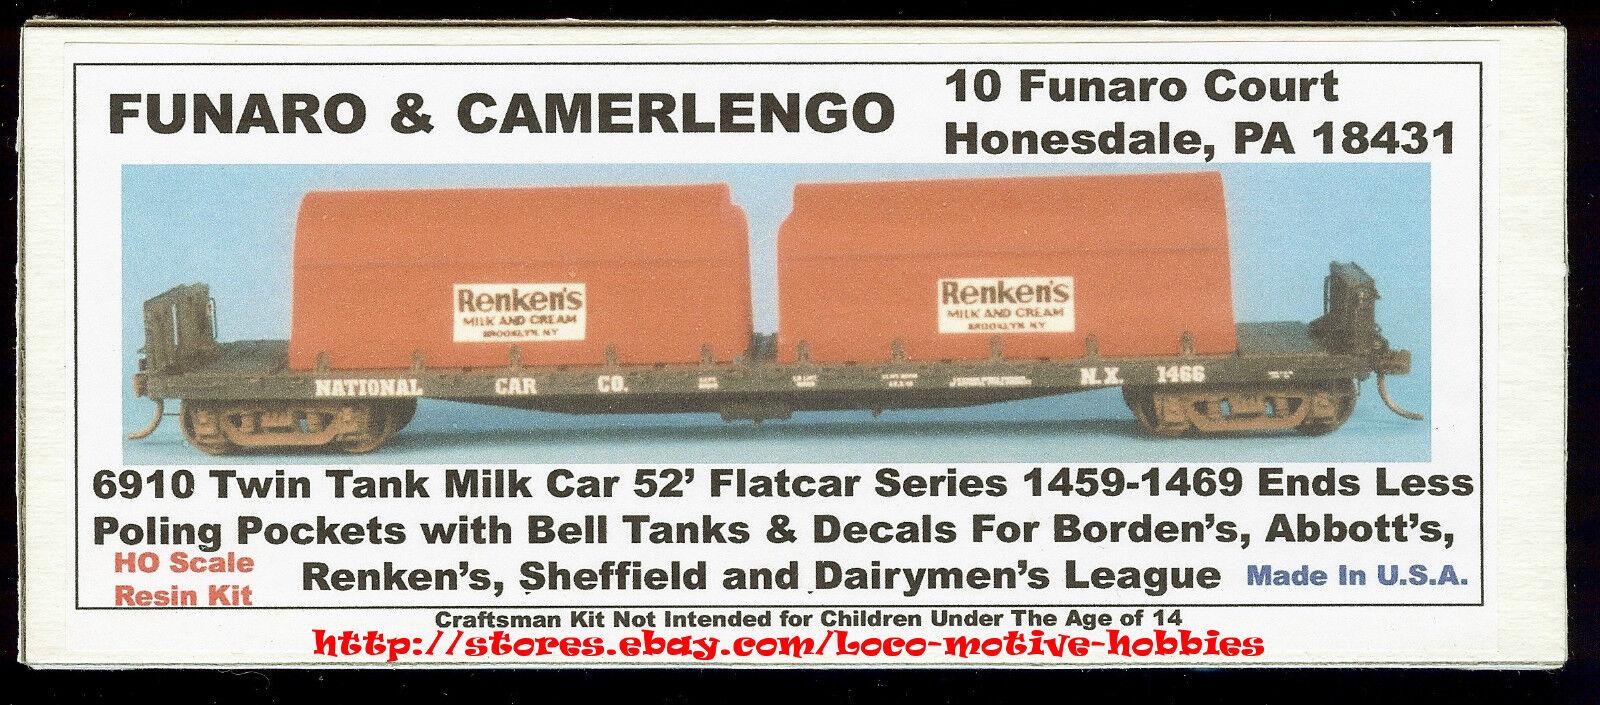 Con 100% de calidad y servicio de% 100. Funaro F&C 6910 Borden's Borden's Borden's Abbott's Renken's Sheffield tanques de leche 52' Cochero Kit  ofrecemos varias marcas famosas